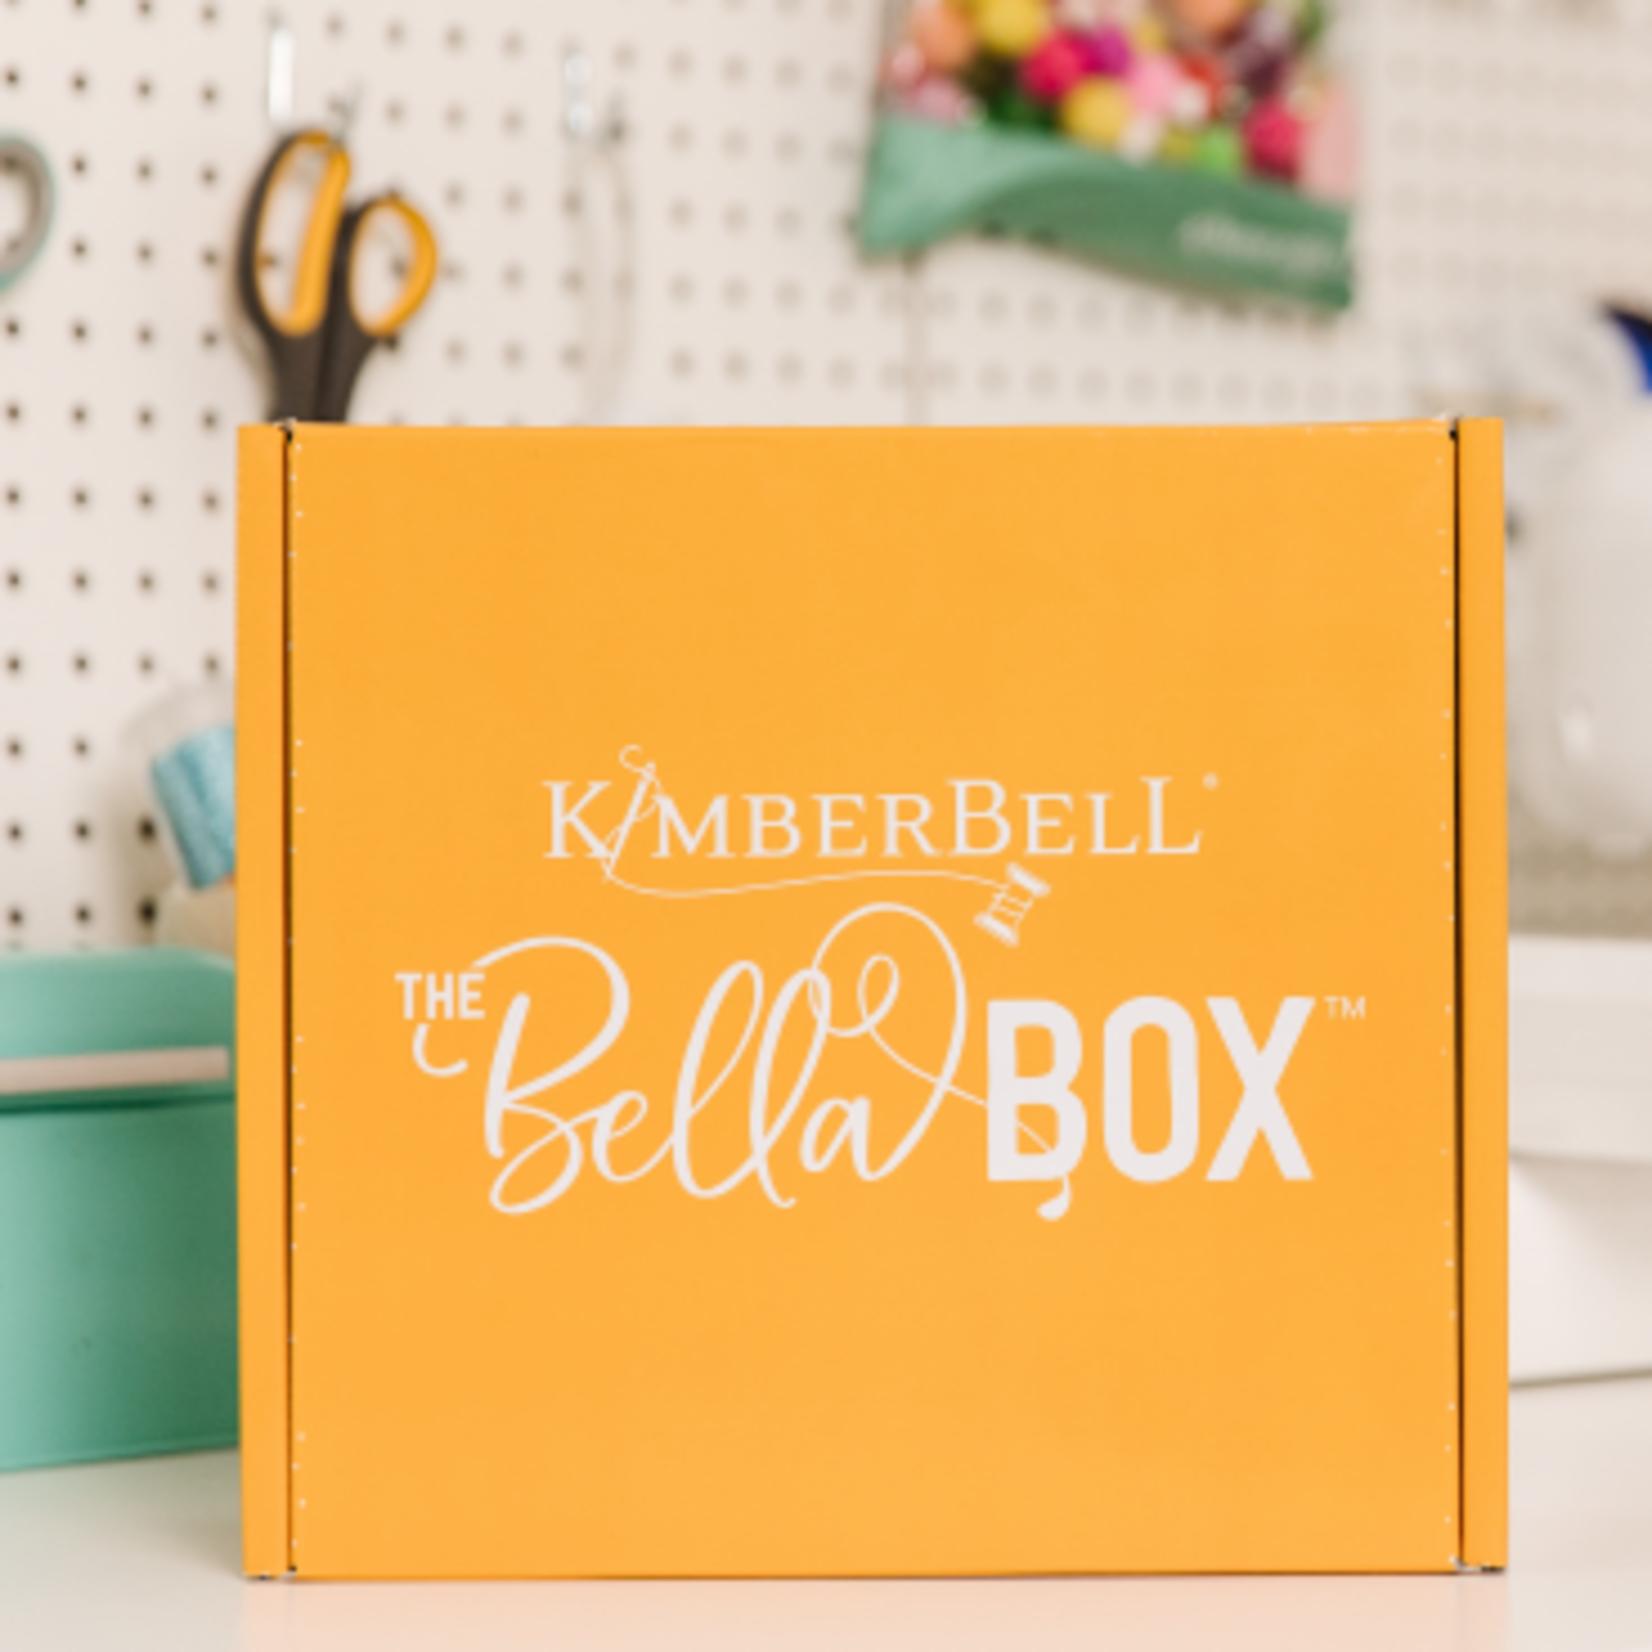 Kimberbell Designs Bella Box Dec 2020